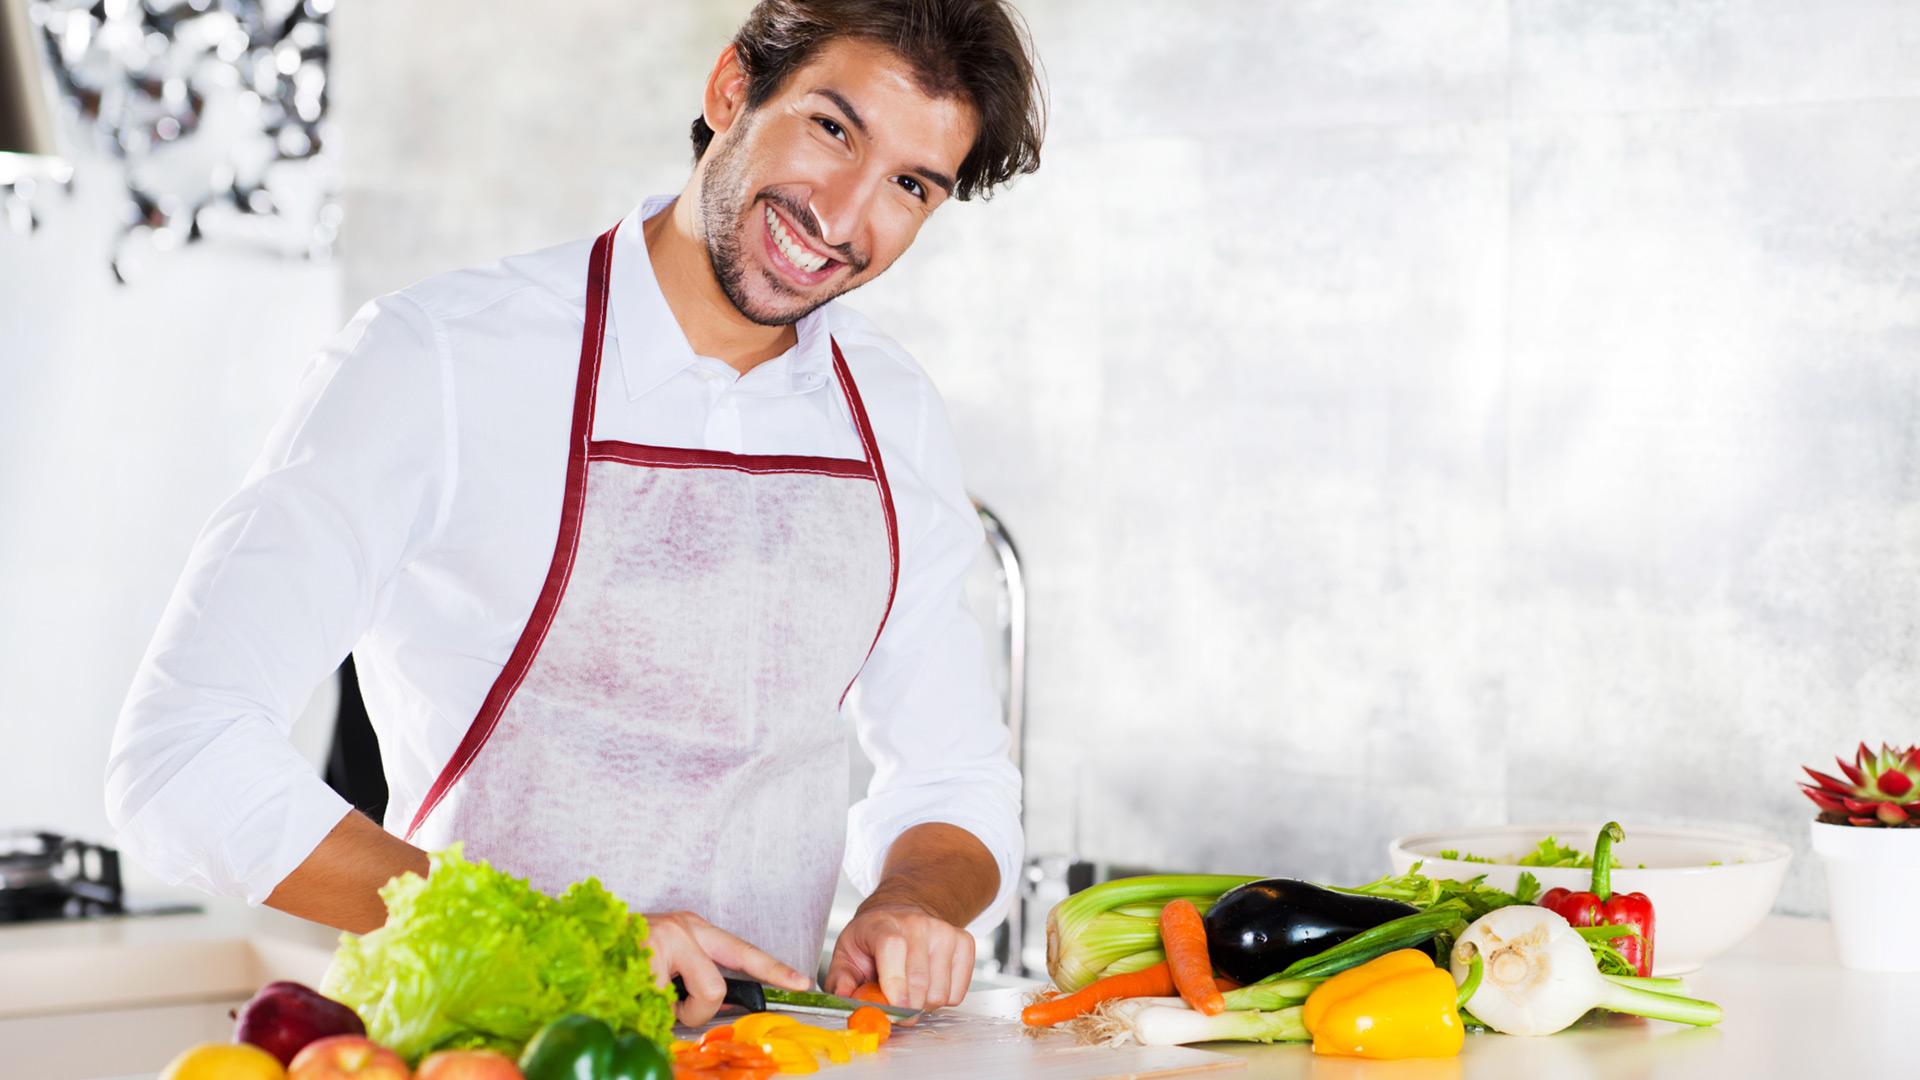 Personal chef | Sheknows.com